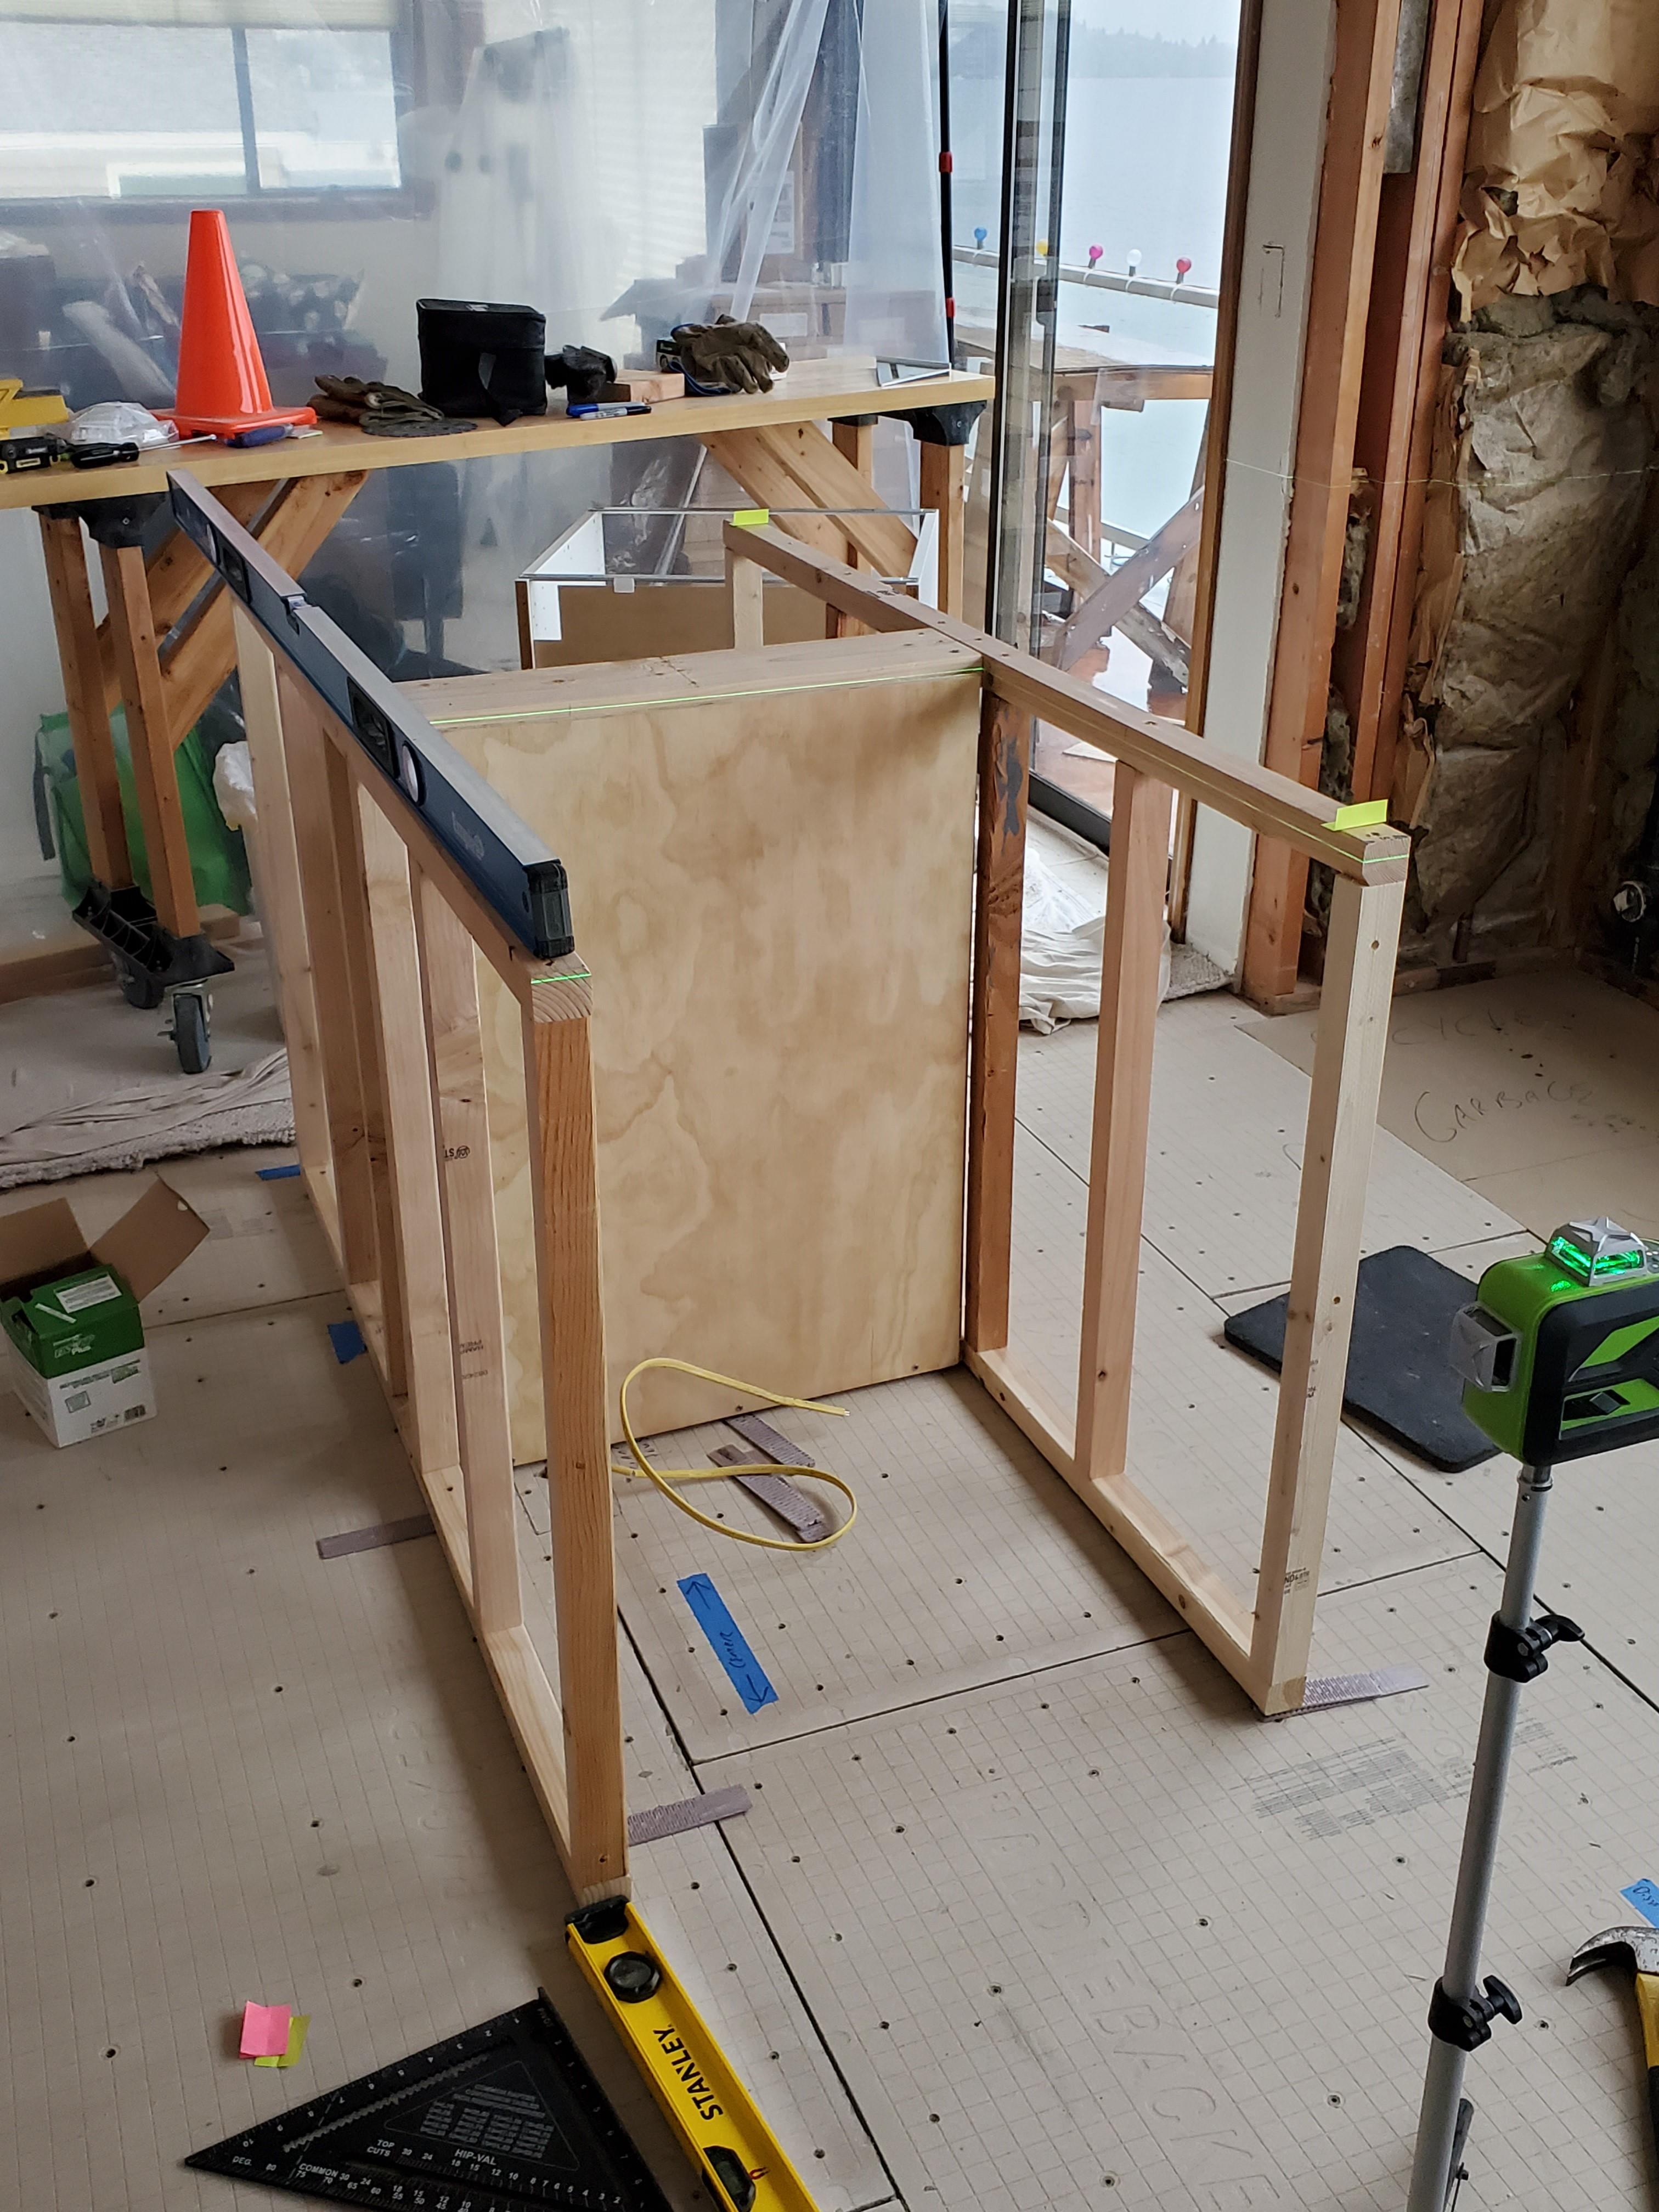 Kitchen Island on unlevel floor   DIY Home Improvement Forum